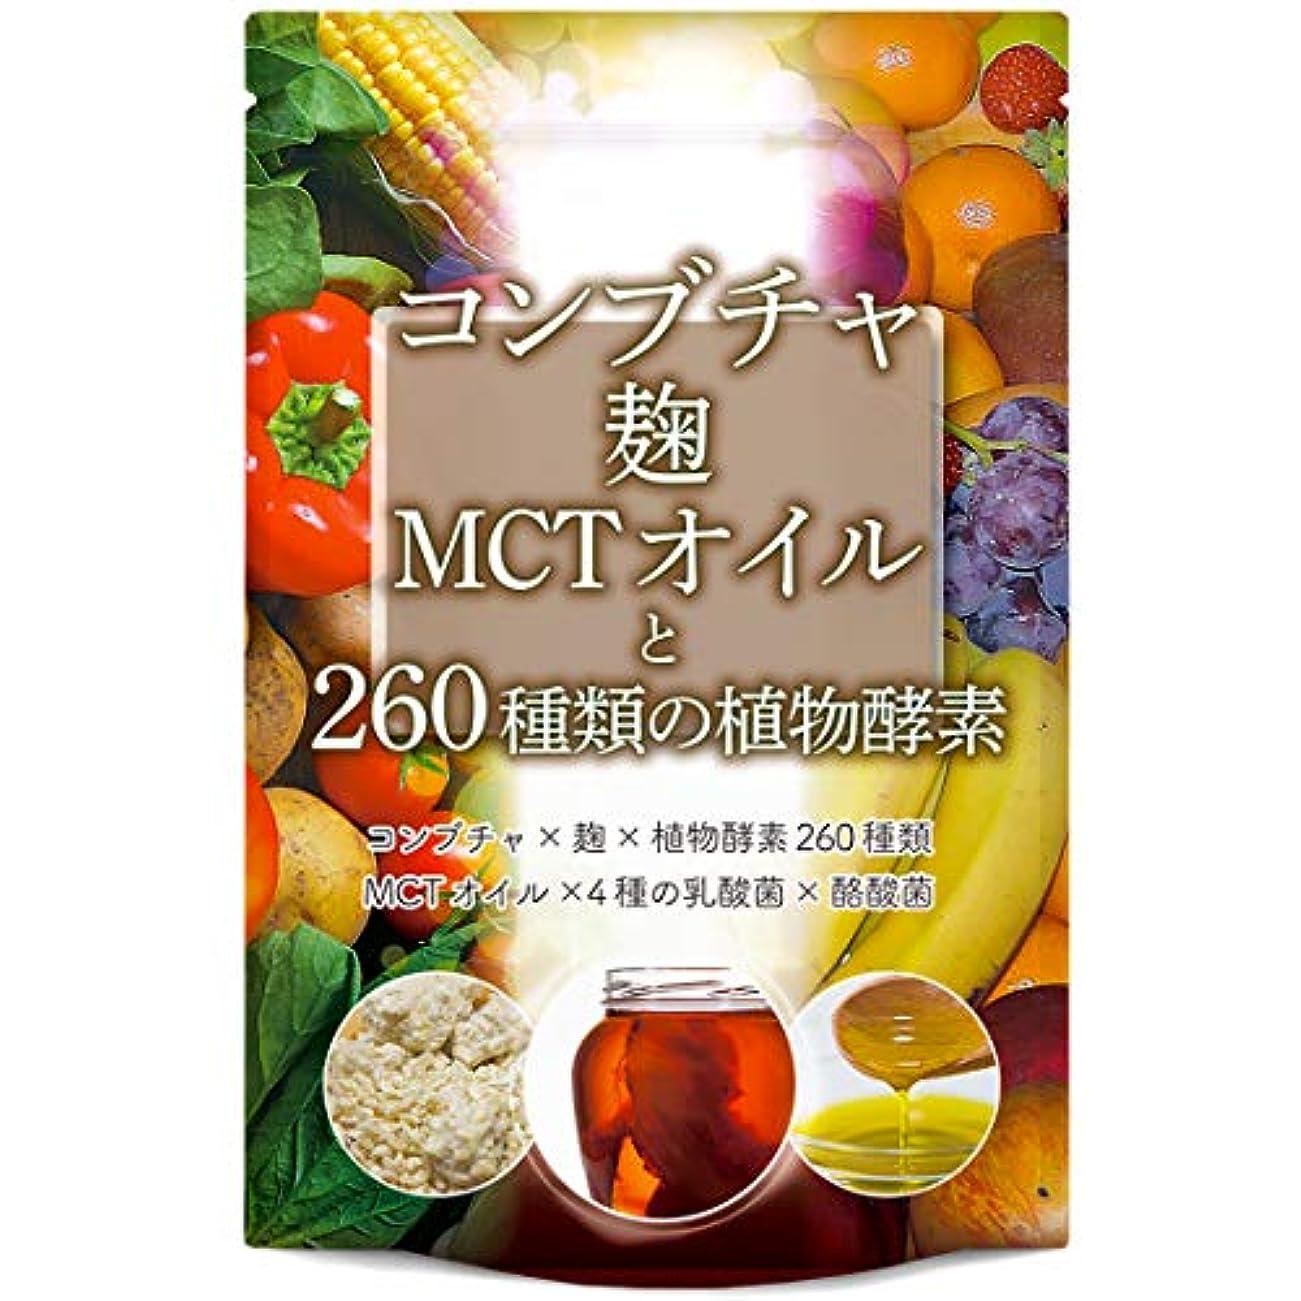 ライセンスコール無力コンブチャ 麹 MCTオイル 260種類の植物酵素 ダイエット サプリメント 30粒 30日分